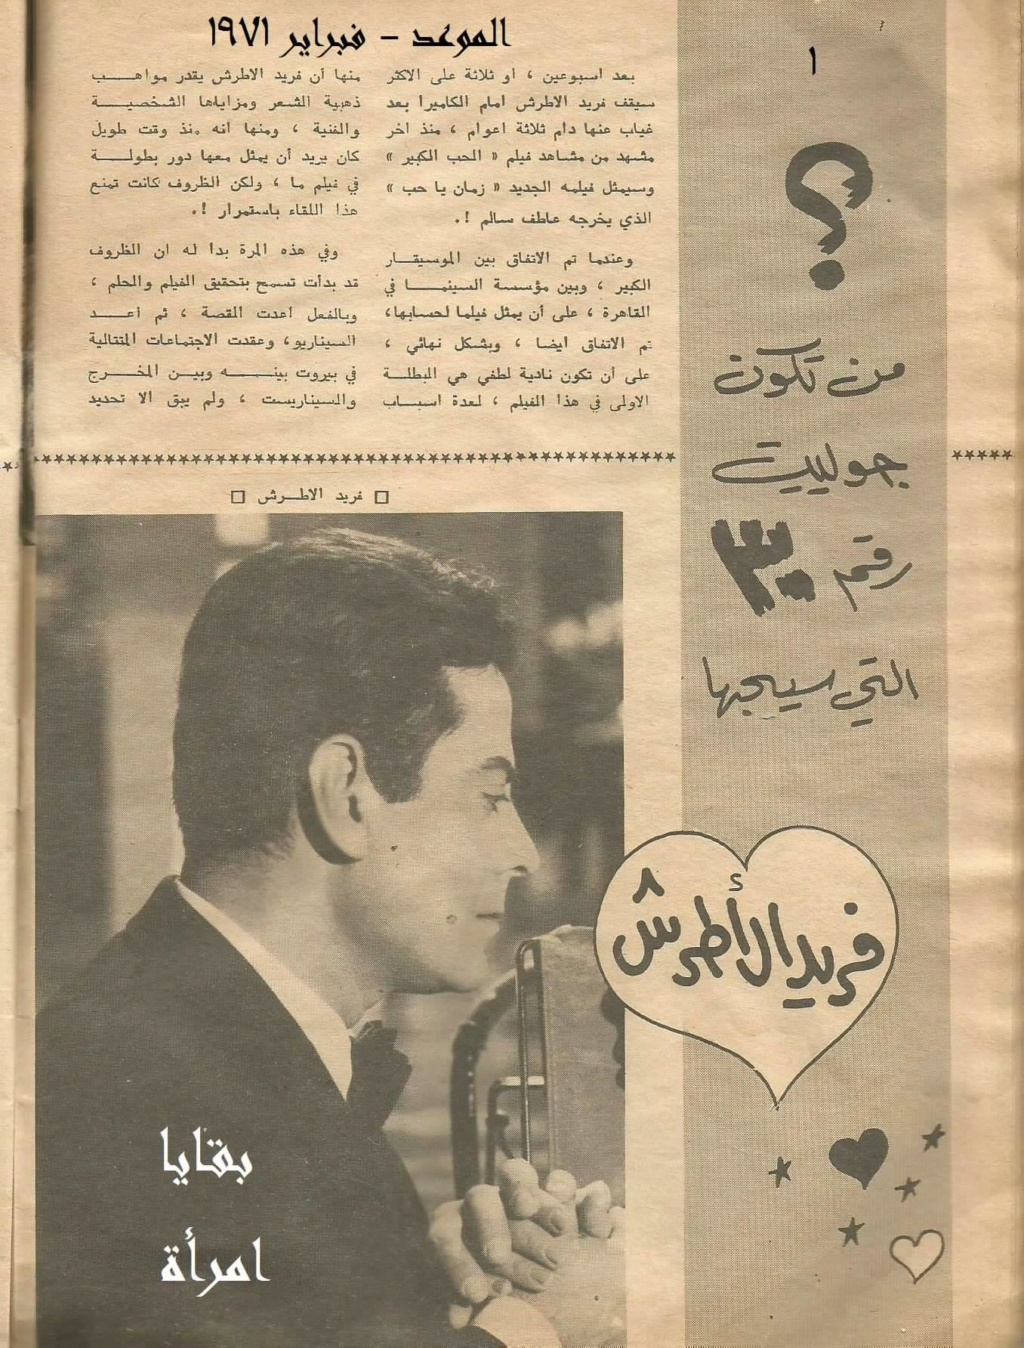 مقال صحفي : من تكون حولييت رقم 30 التي سيحبها فريد الأطرش ؟ 1971 م 1215